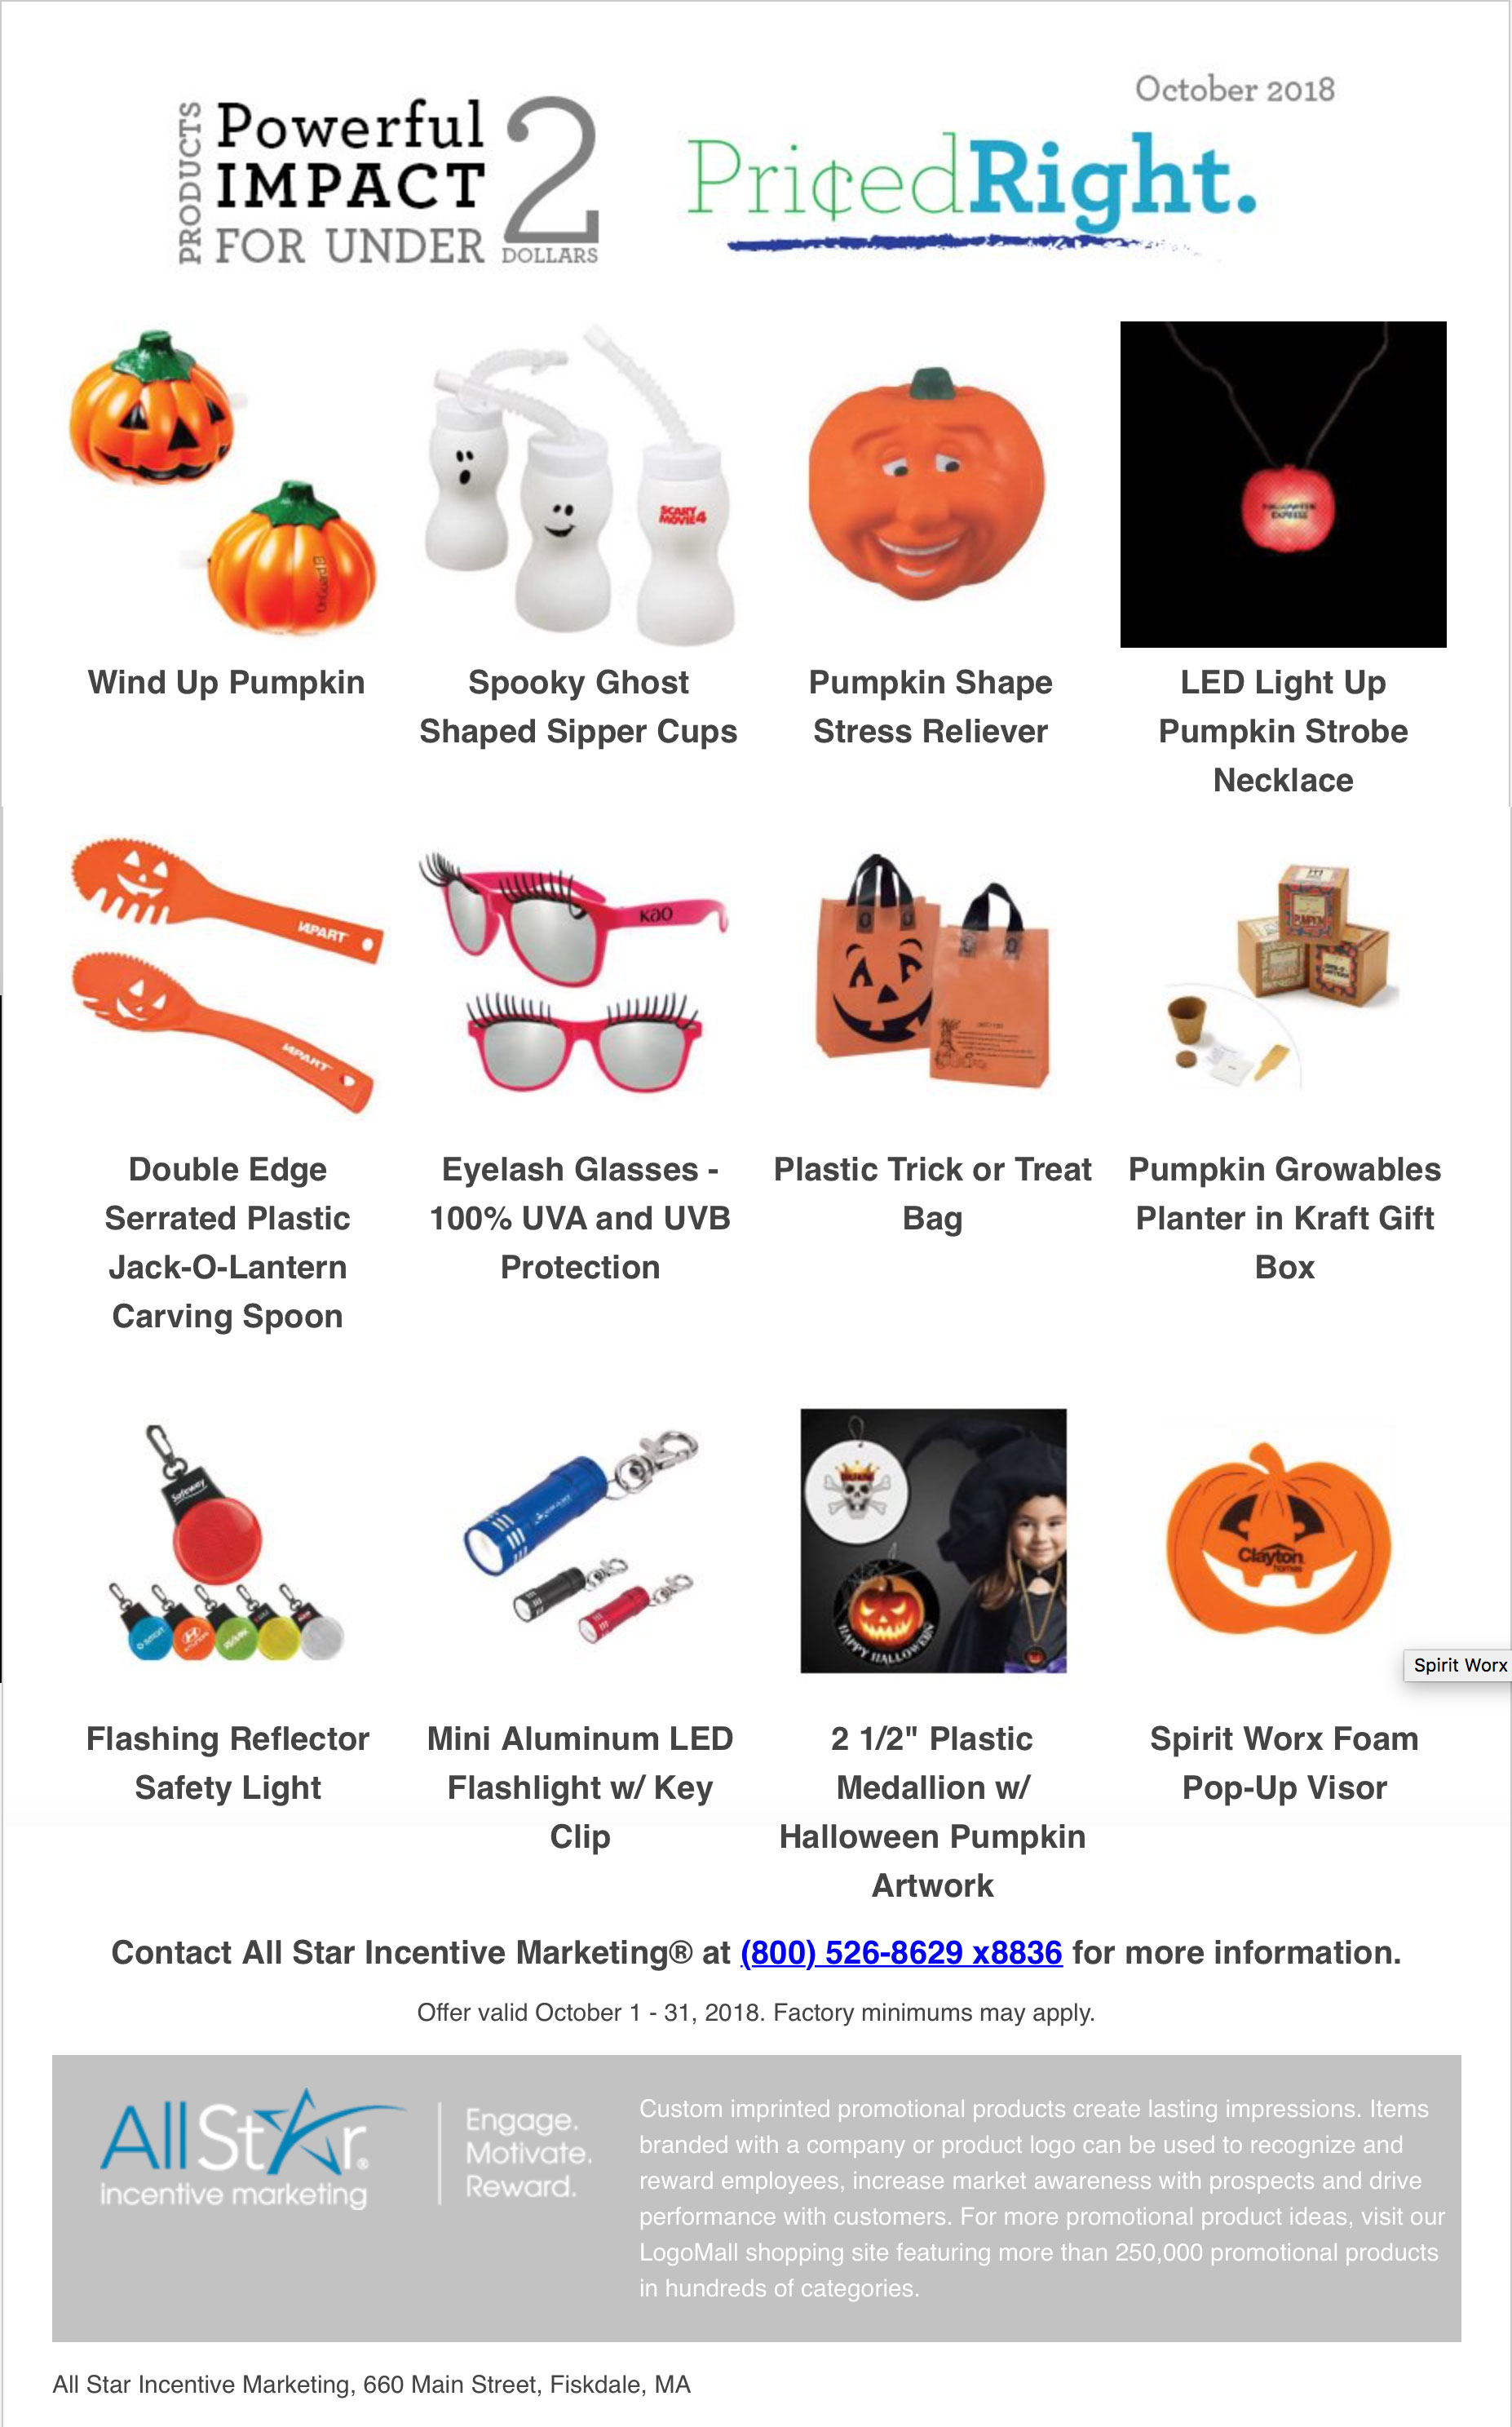 Priced Right October $2 Specials